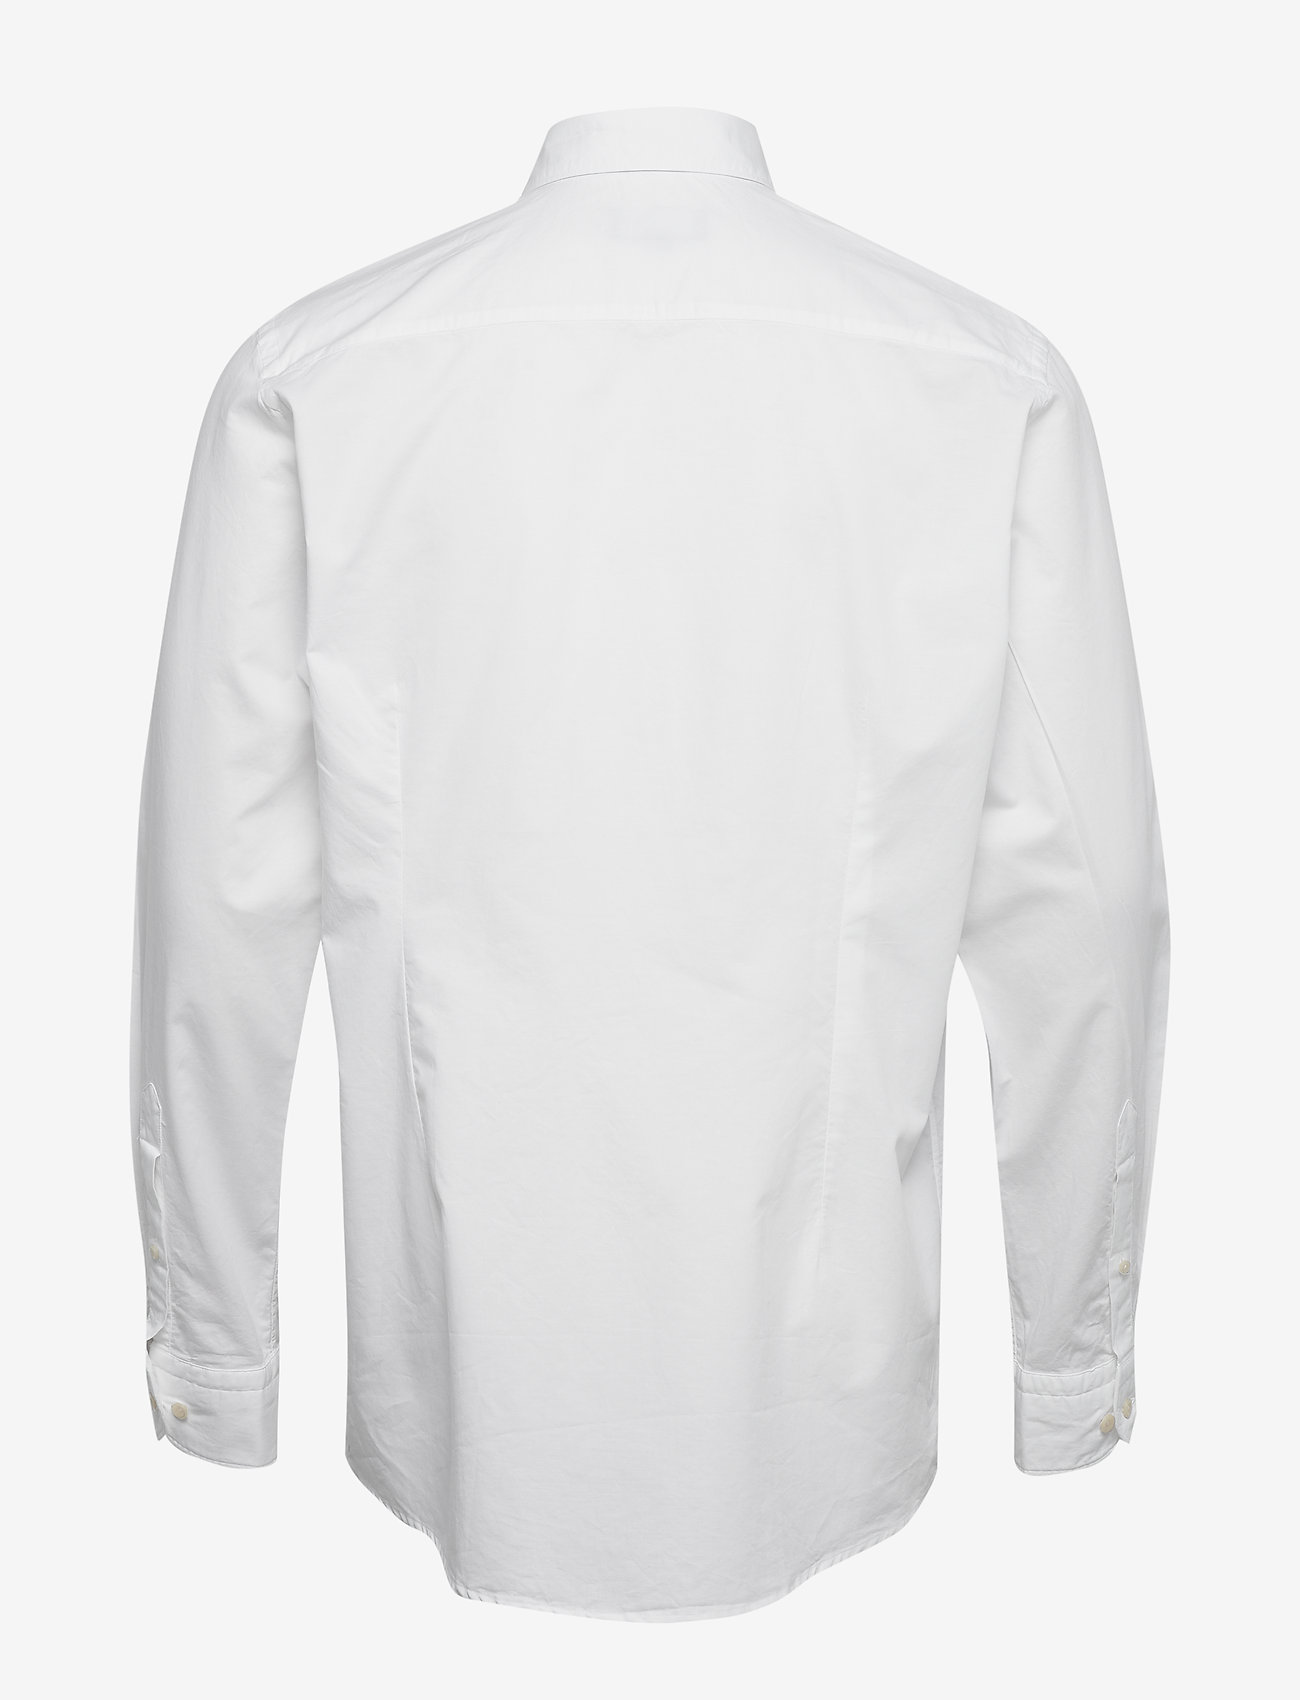 White Cotton Silk Shirt - Soft (White) - Eton GCV2CQ